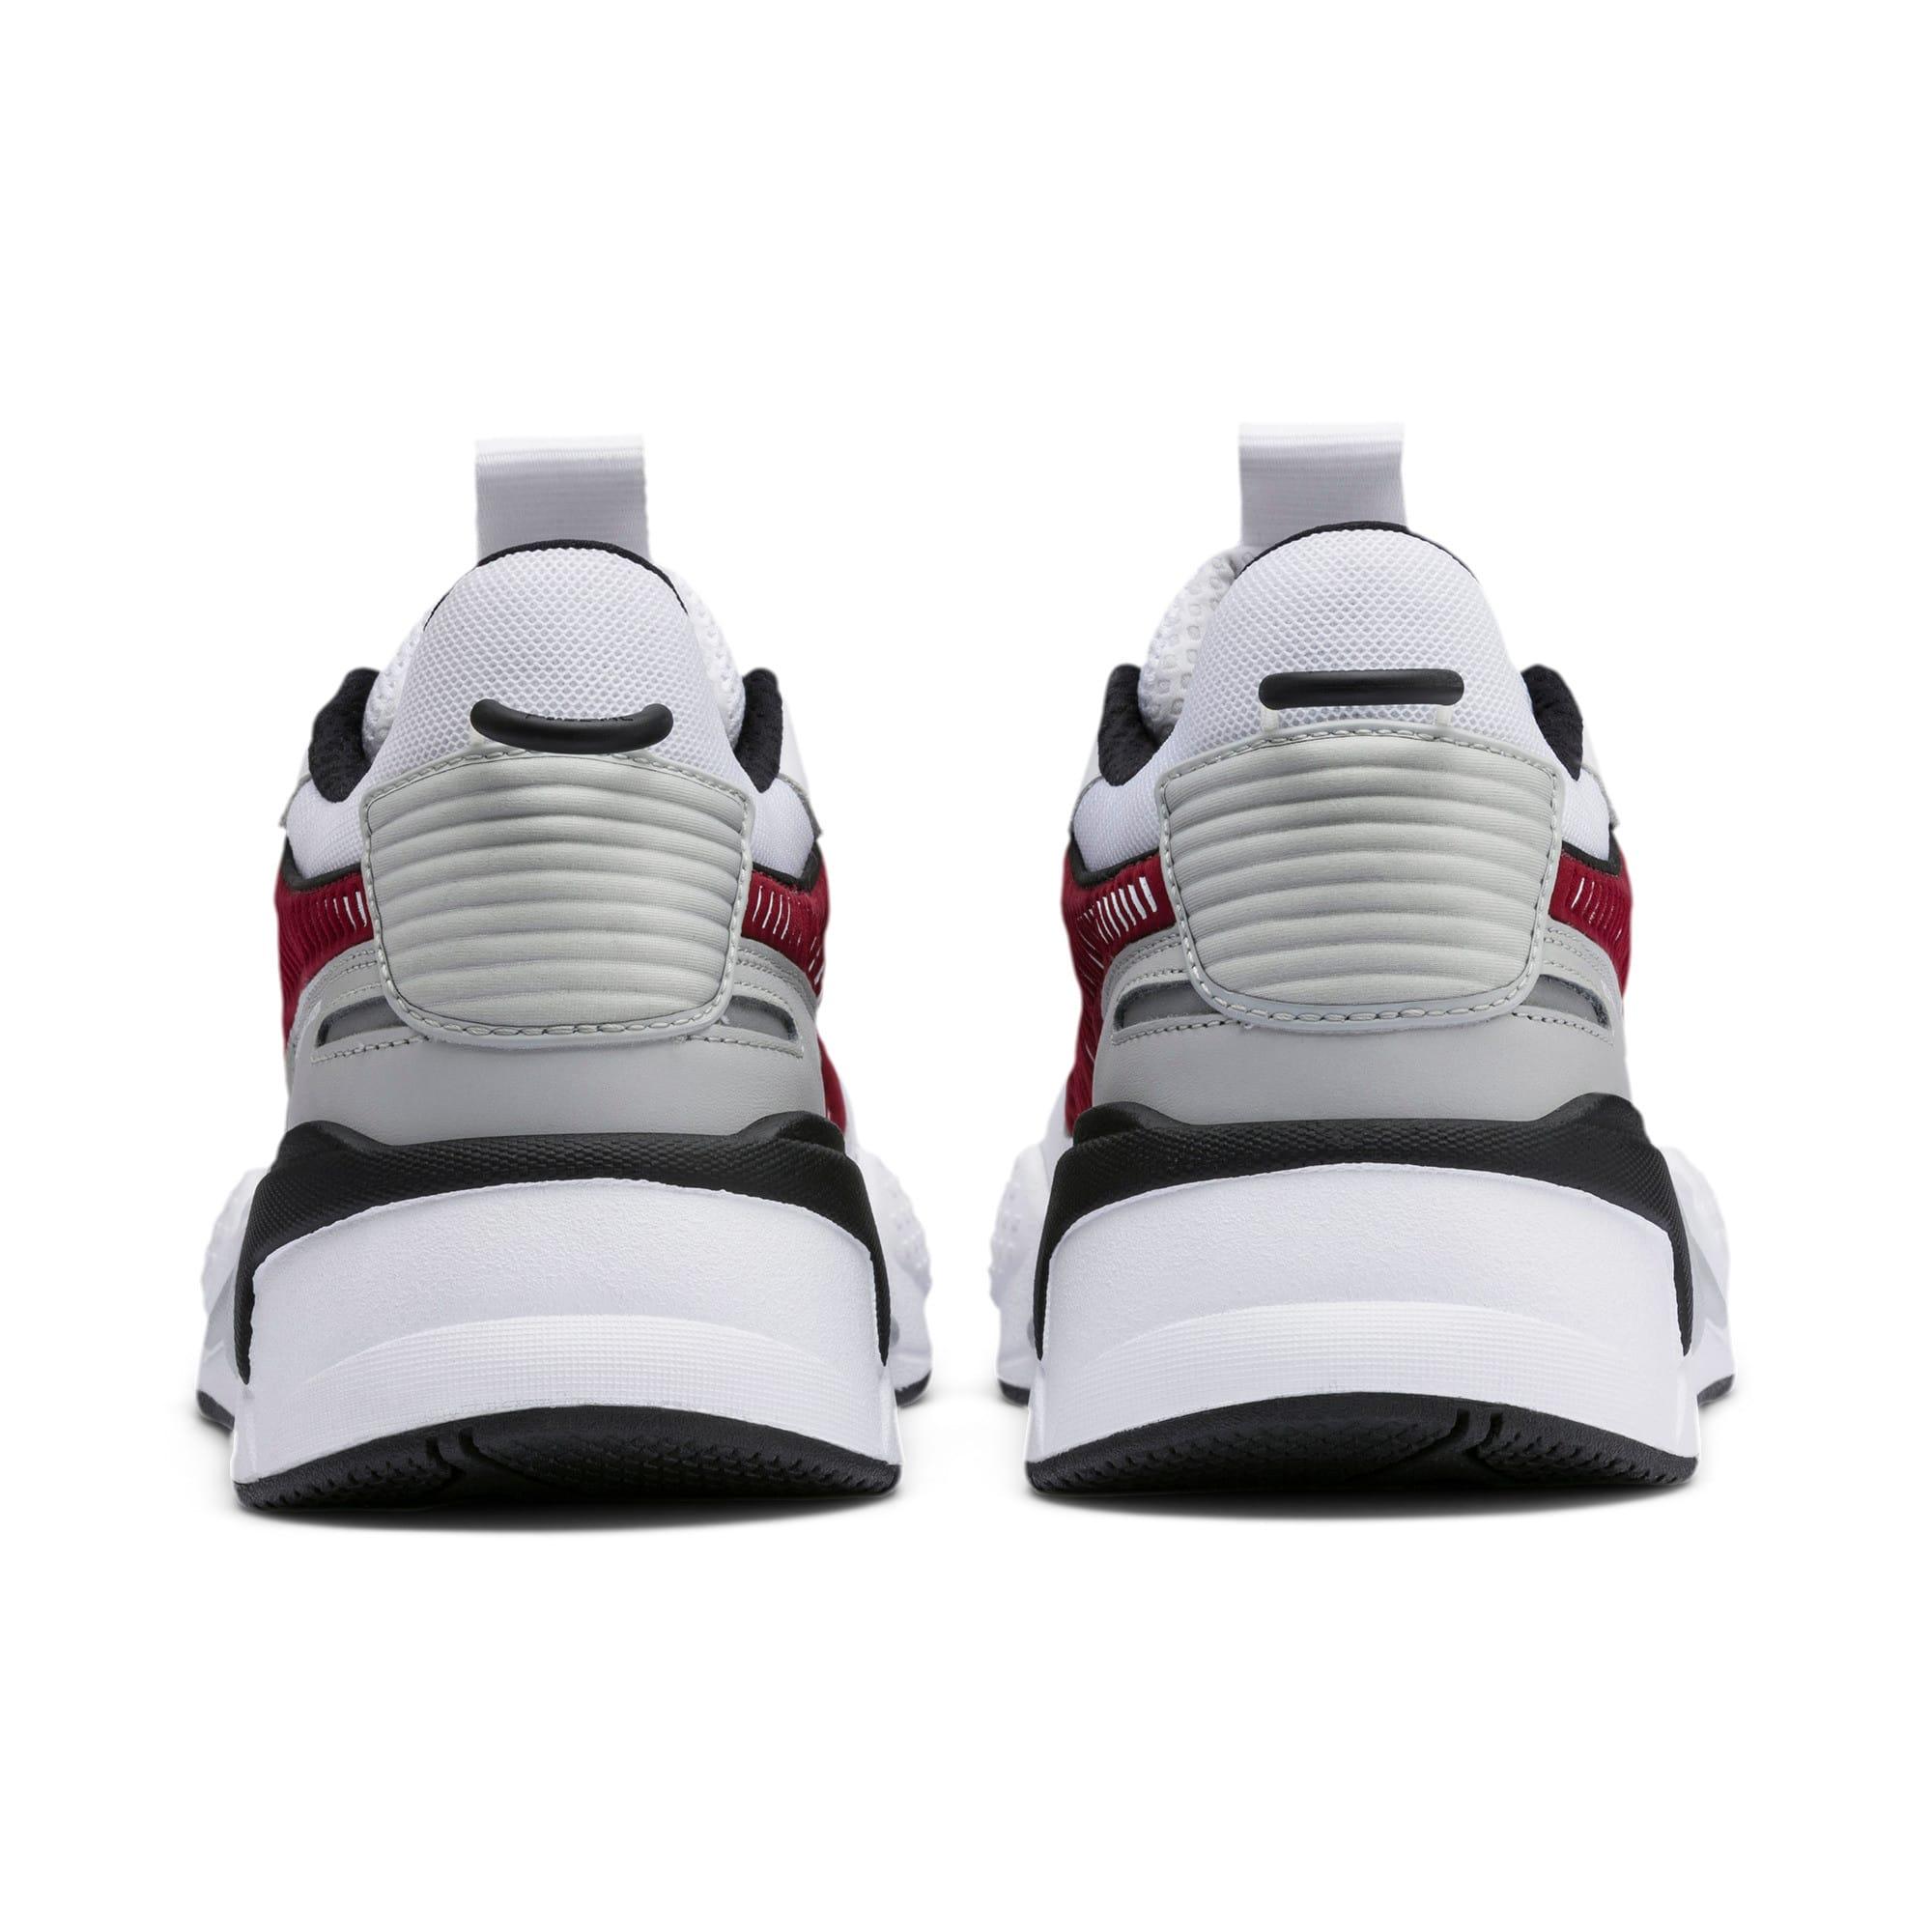 Thumbnail 4 of RS-X Sneaker, Puma White-Rhubarb, medium